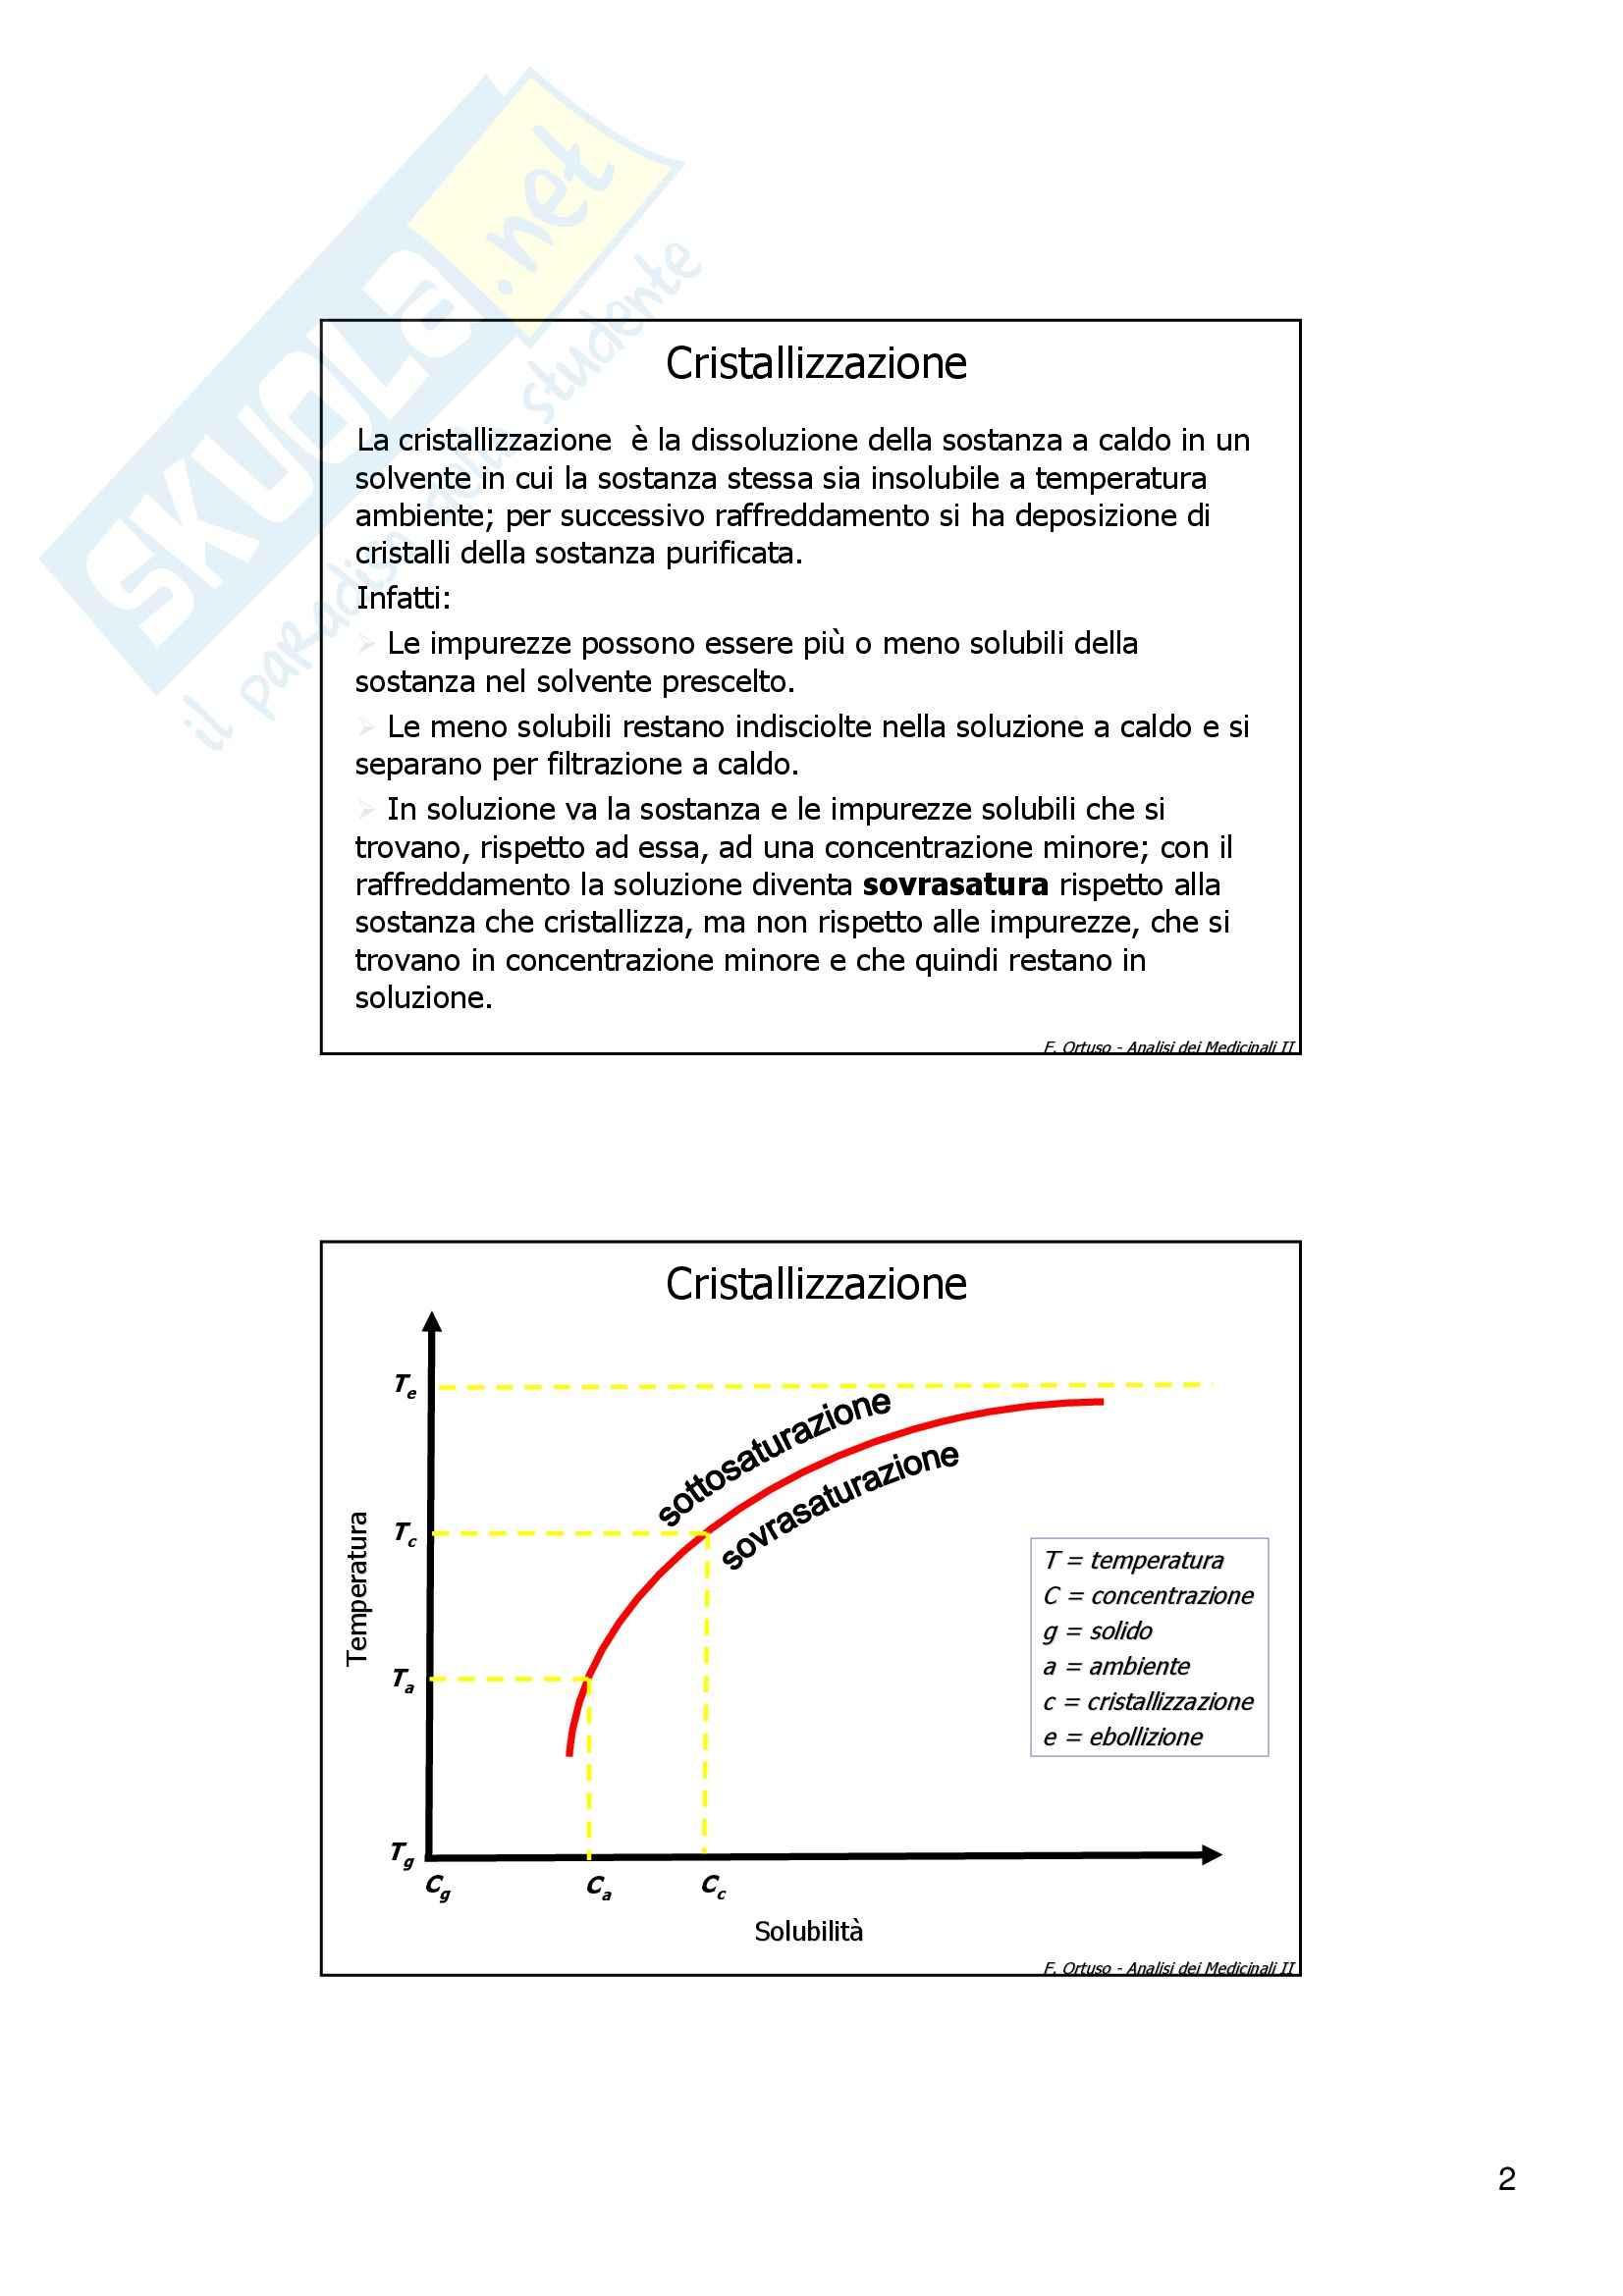 Laboratorio di preparazioni estrattive e sintesi dei farmaci - cristallizzazione Pag. 2